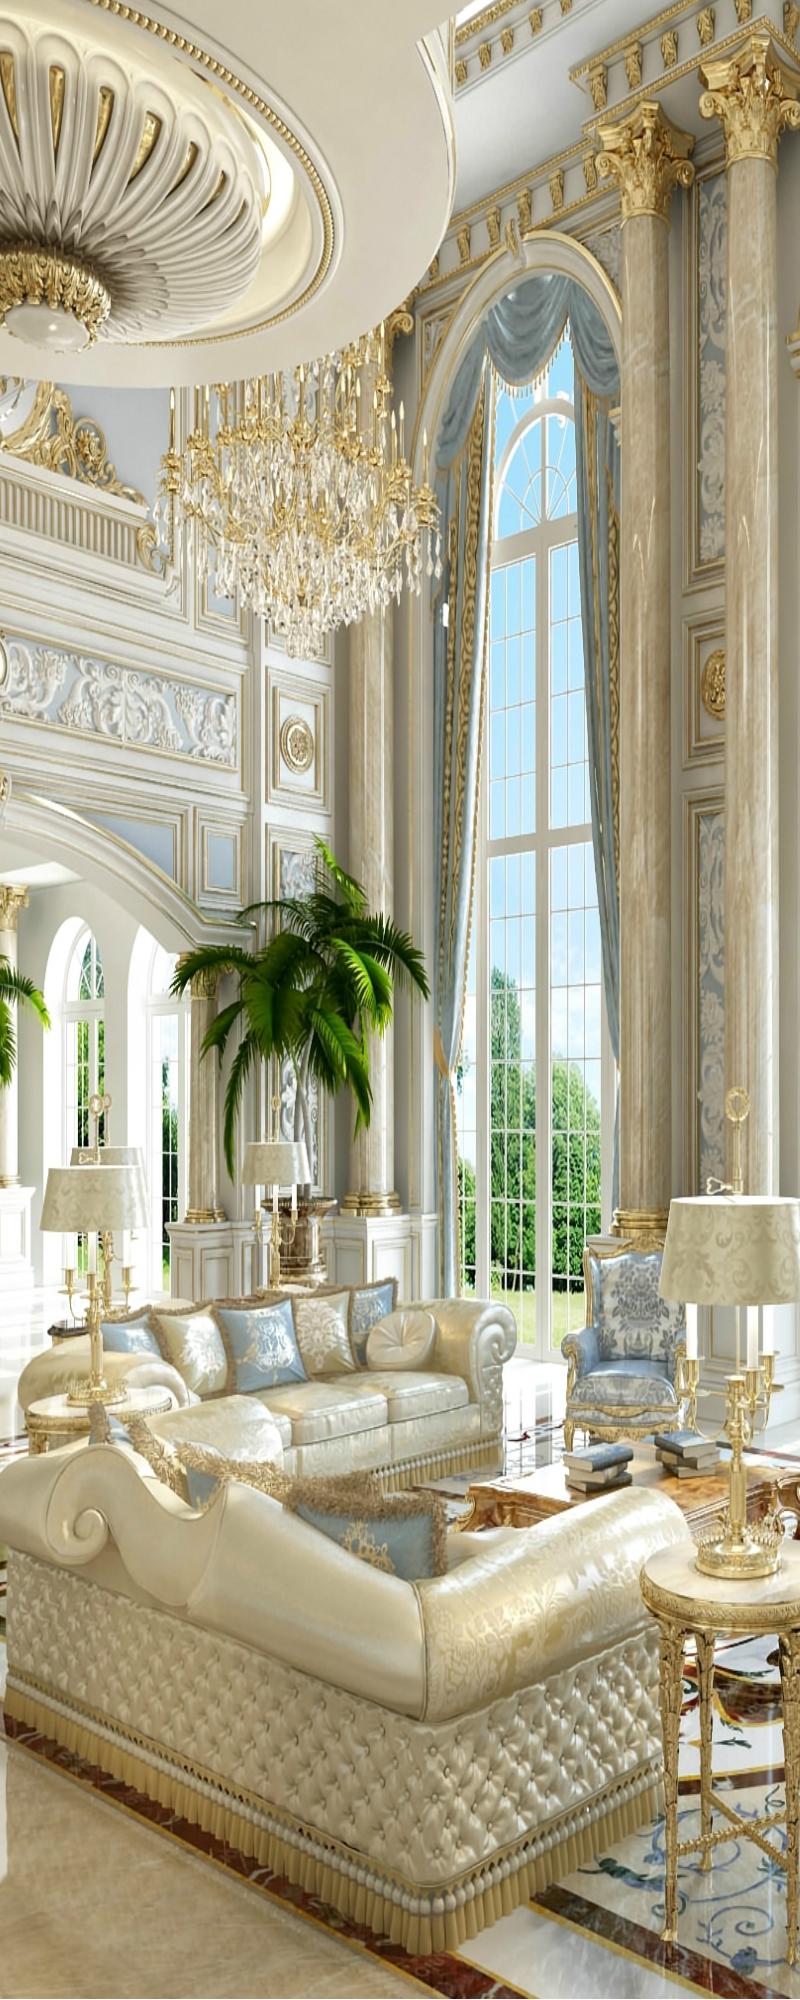 rosamaria g frangini architecture luxury interiors lux interiors antonovich luxury design